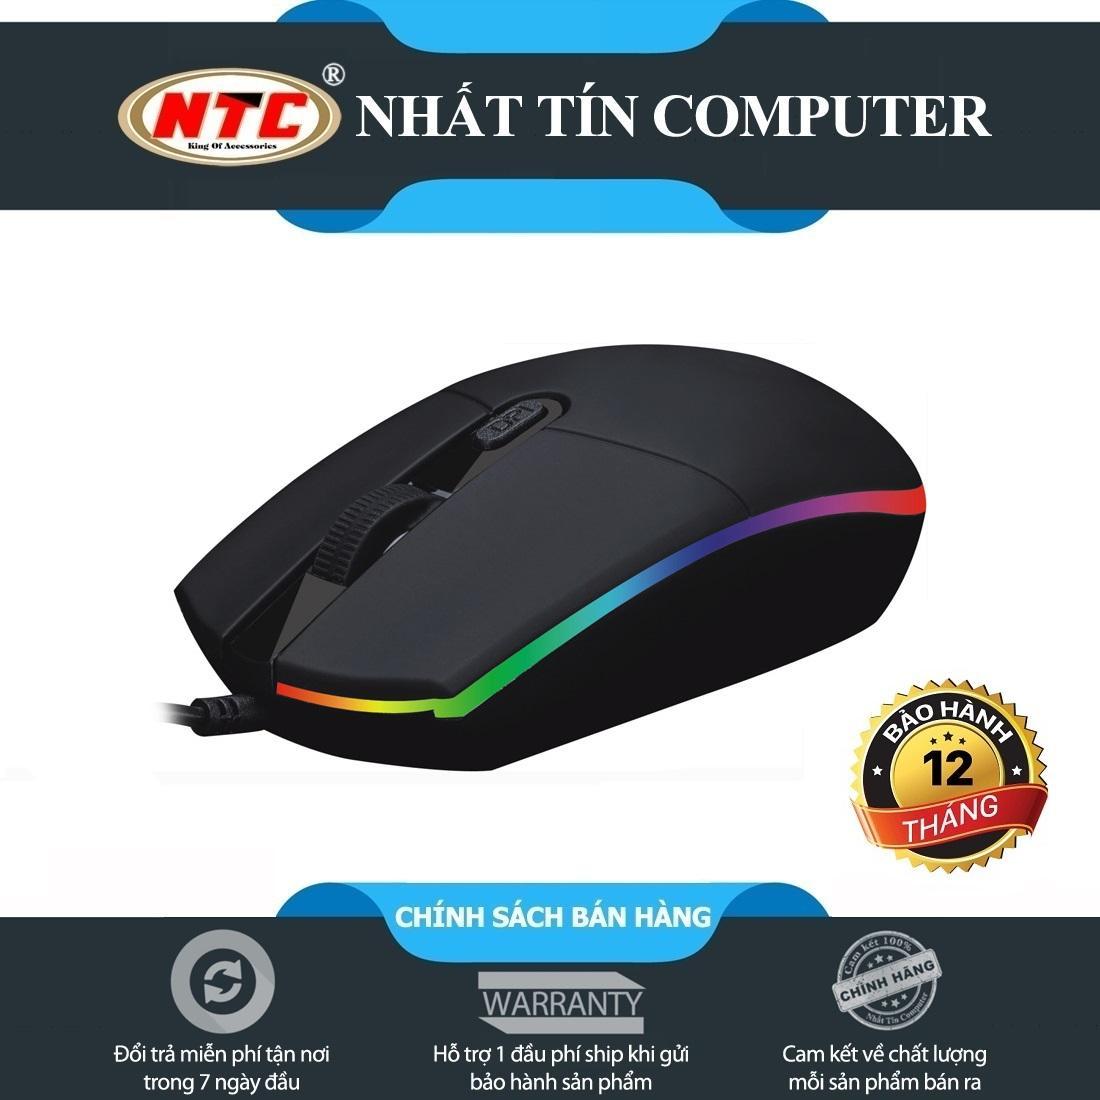 Giá Chuột chuyên game R8 1605 led RGB – model 2018 (Đen) – Hãng phân phối chính thức Tại Nhất Tín Computer (Tp.HCM)